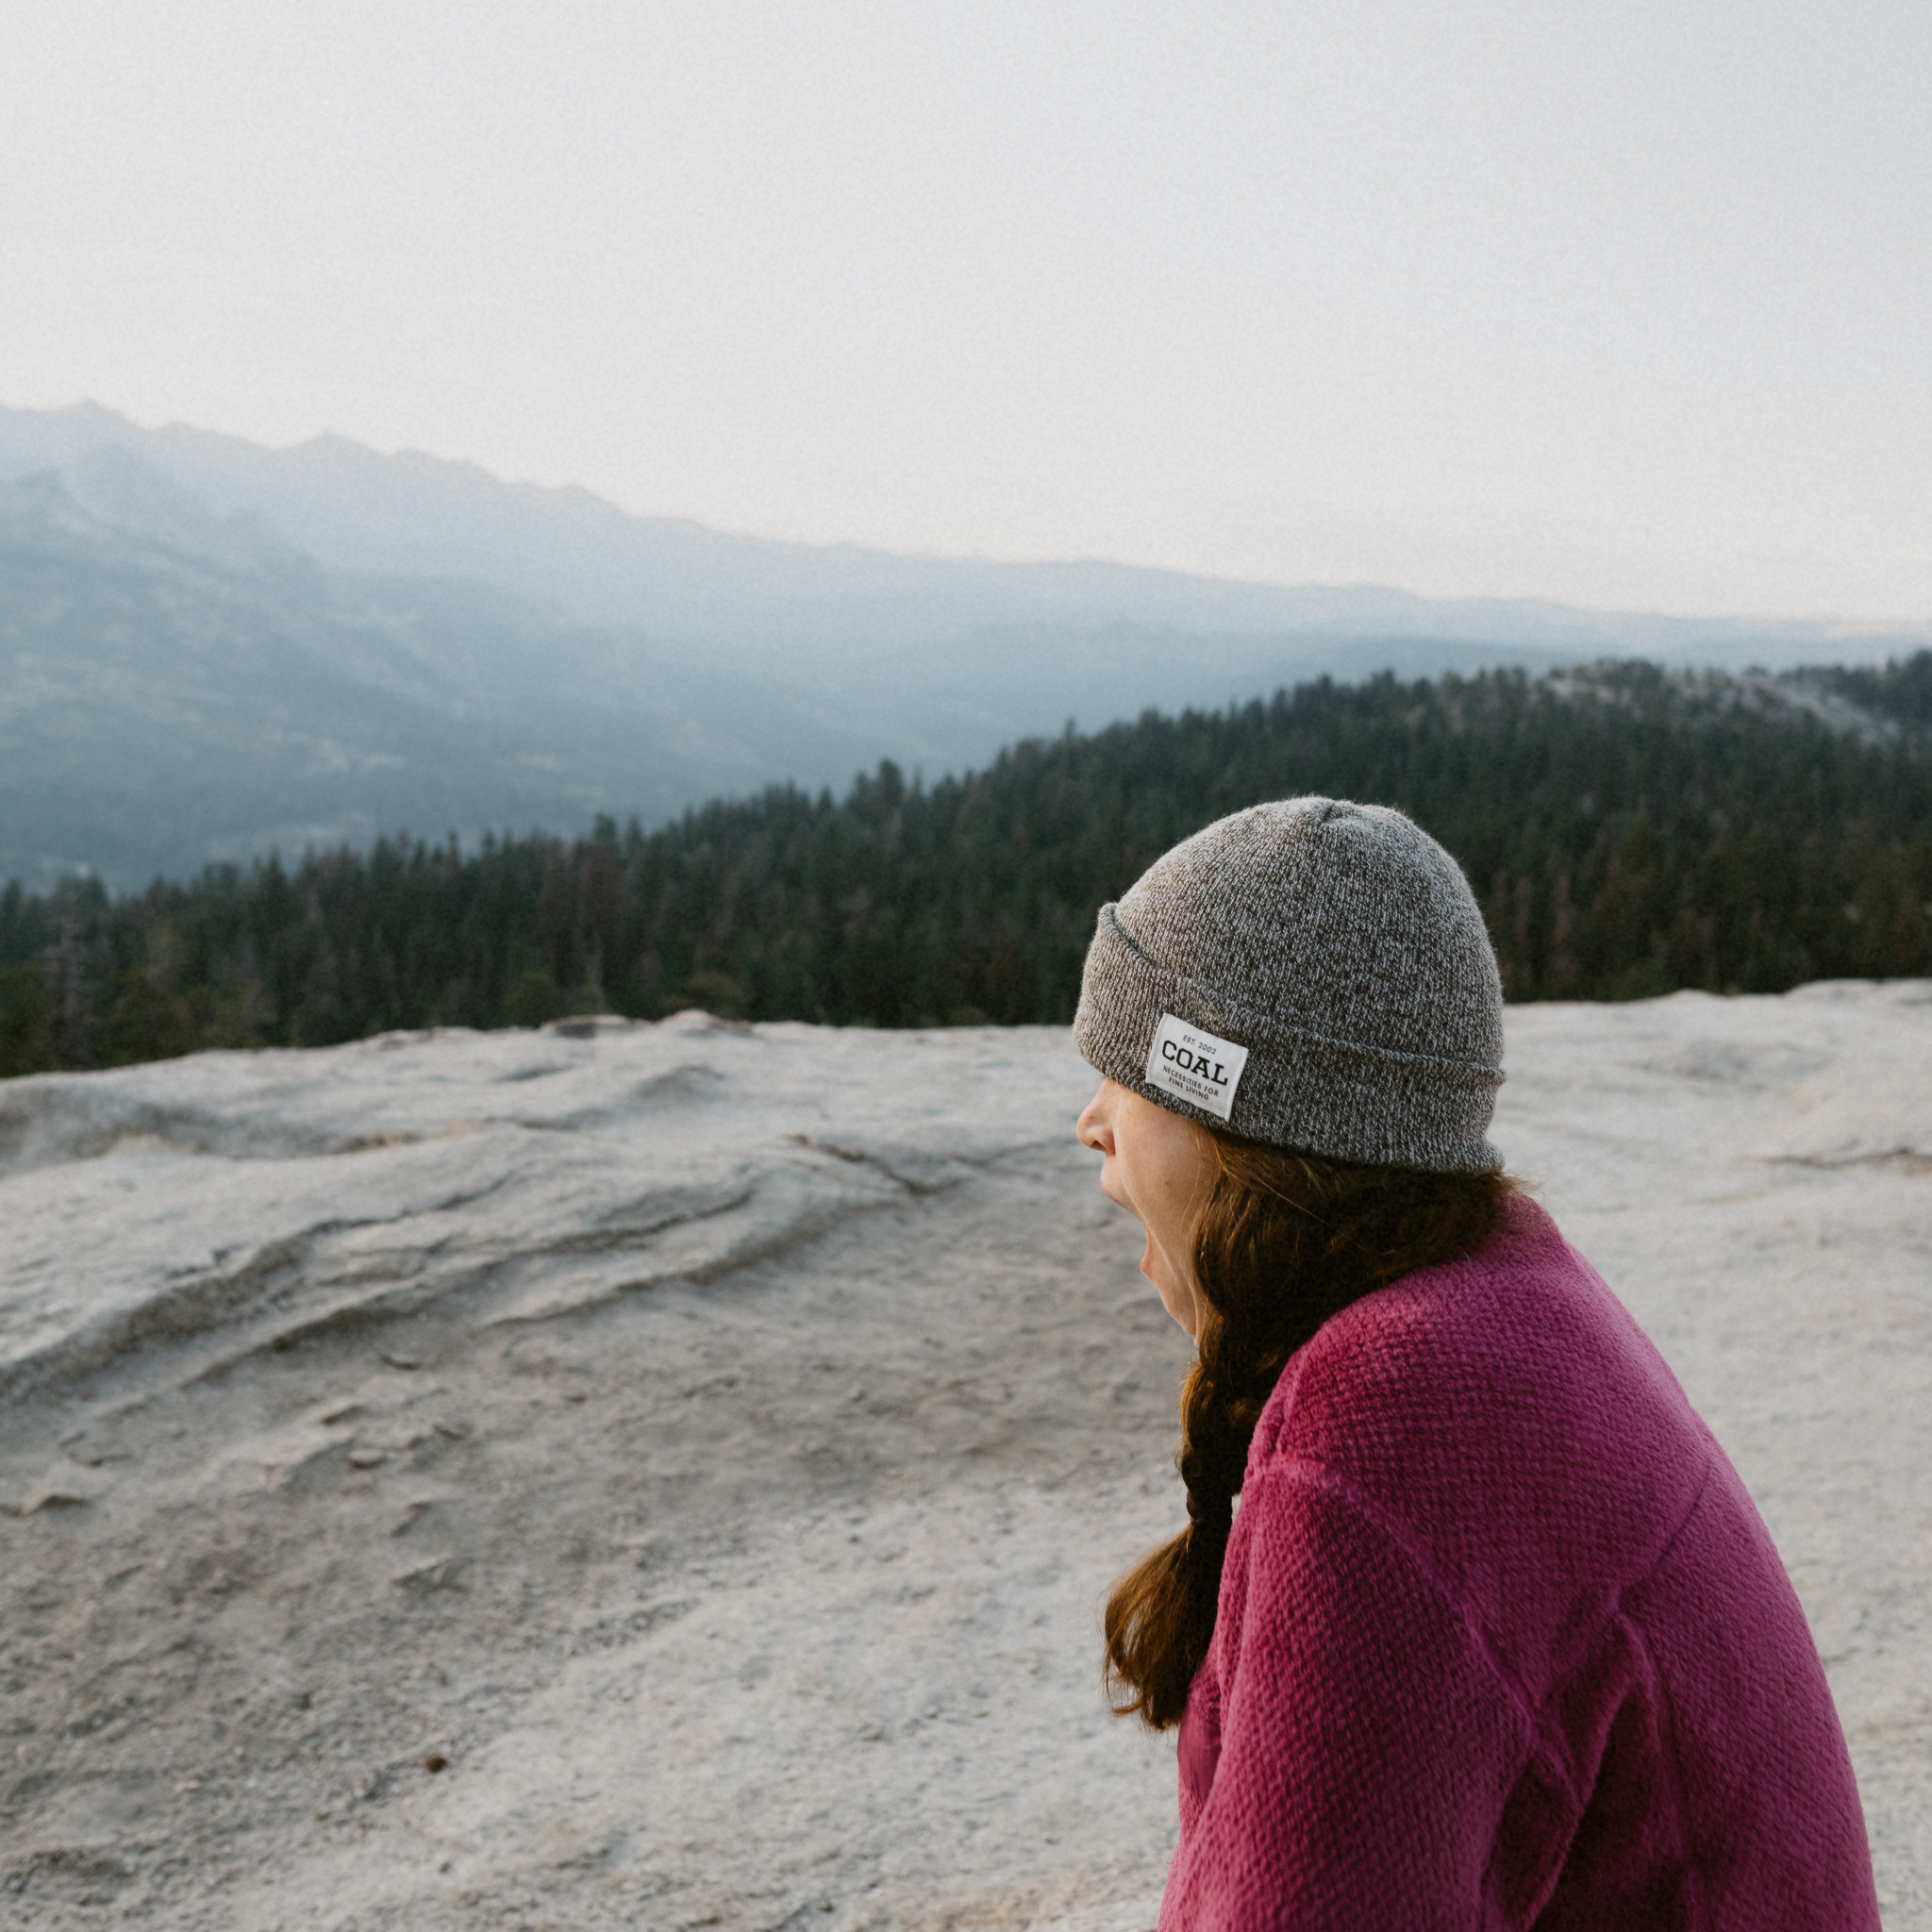 20160822_Yosemite_0420-Exposure.jpg